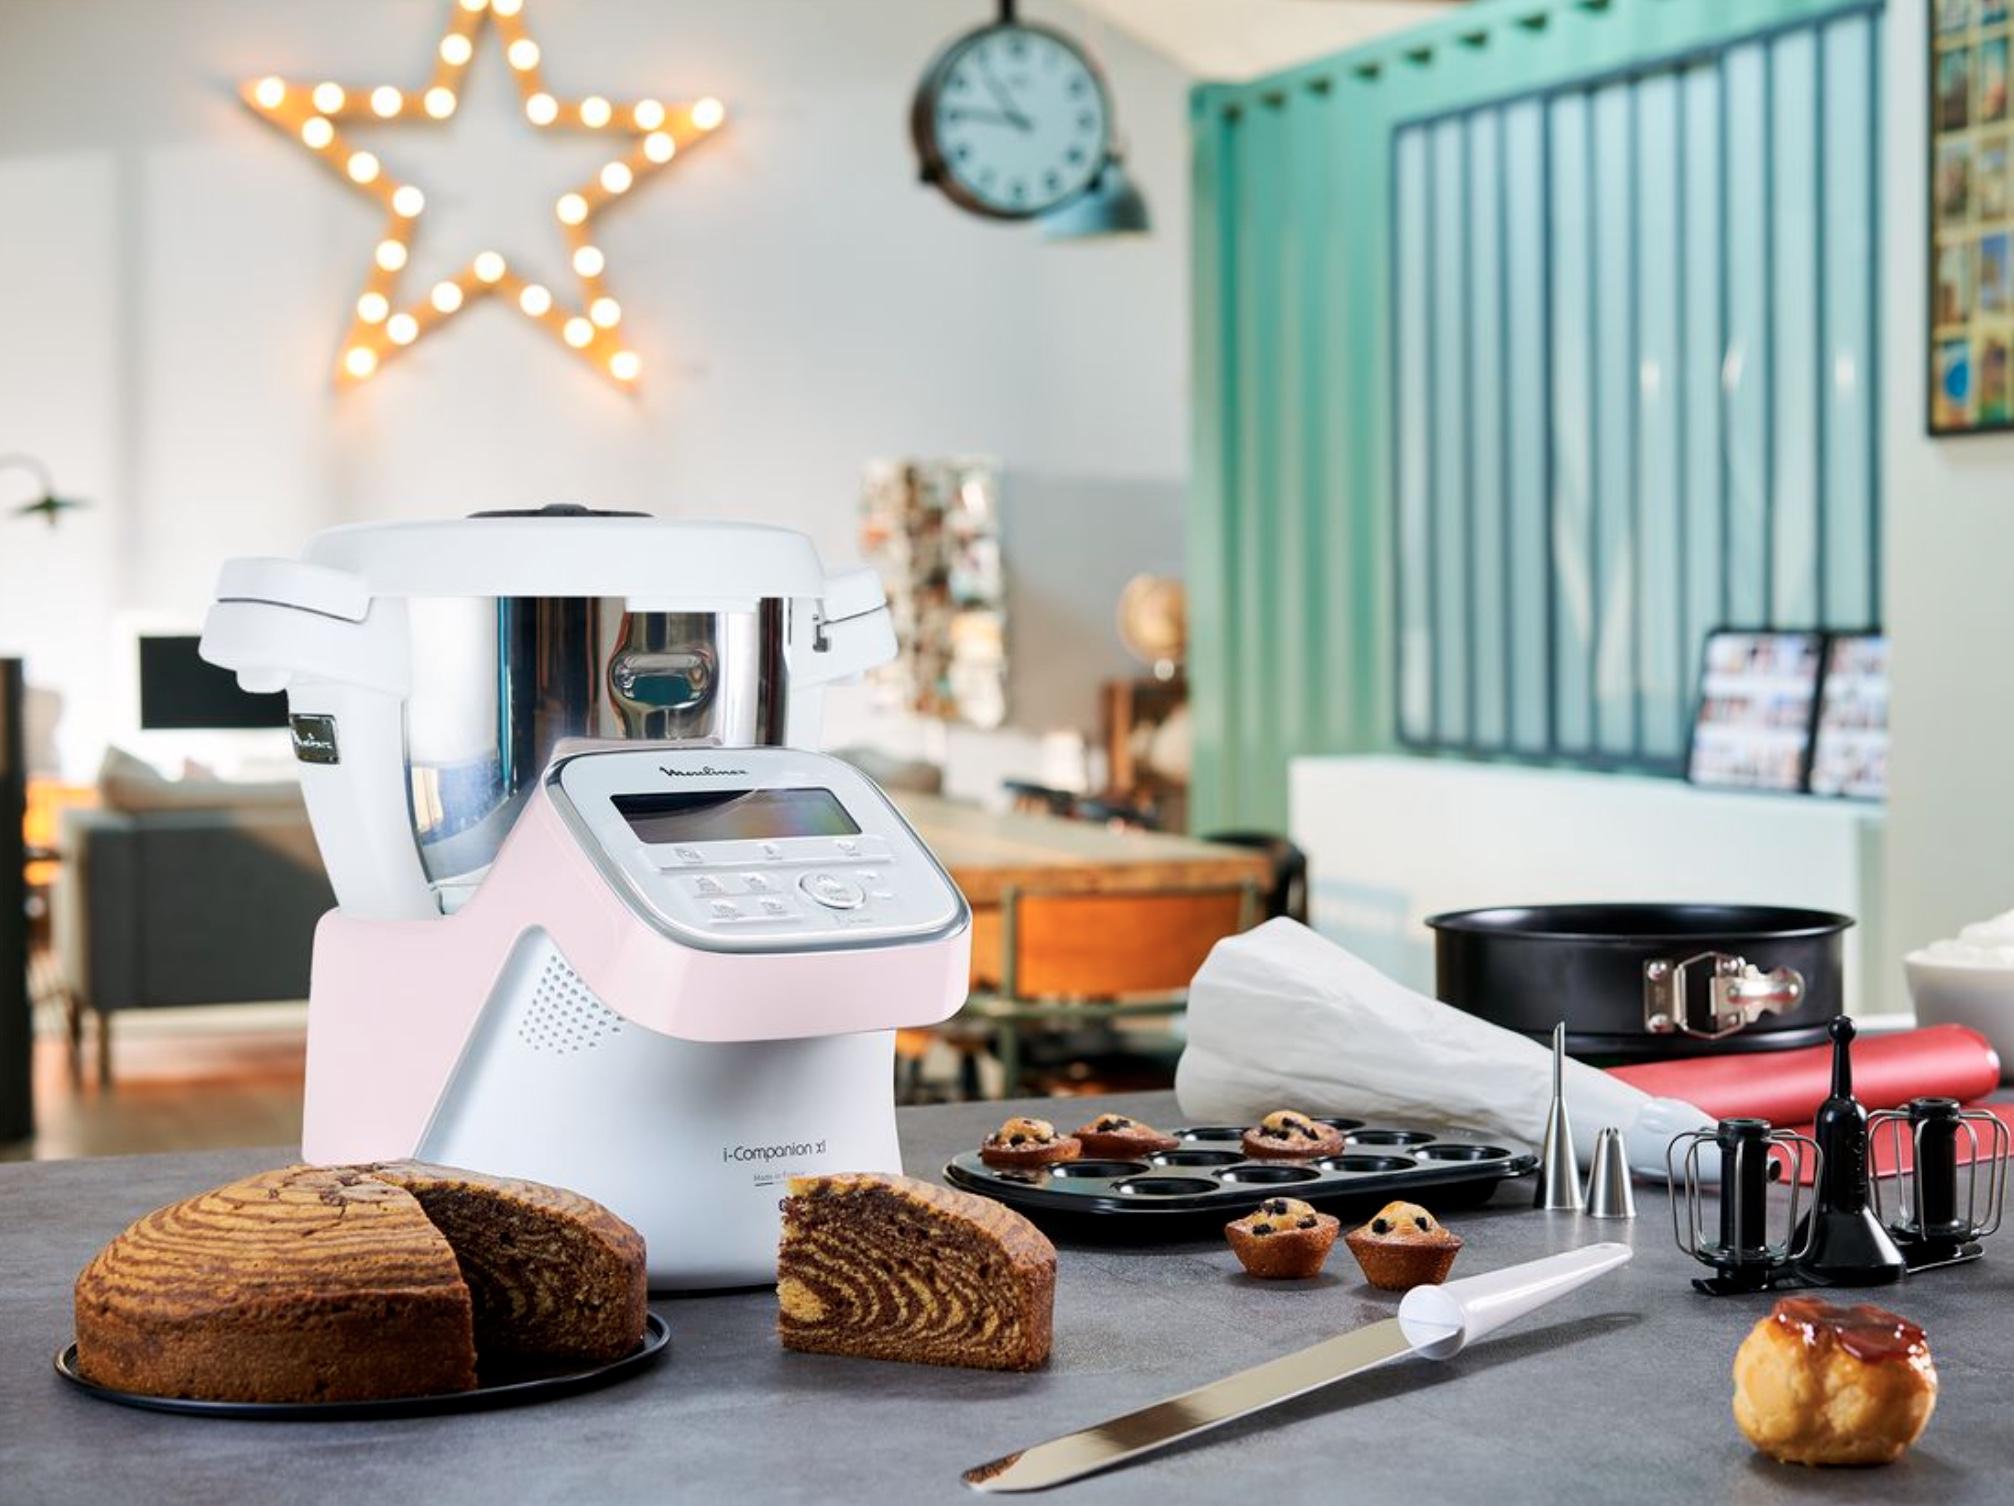 Code promo Moulinex : 3 robots de cuisine i-Companion XL Edition Pâtisserie à gagner